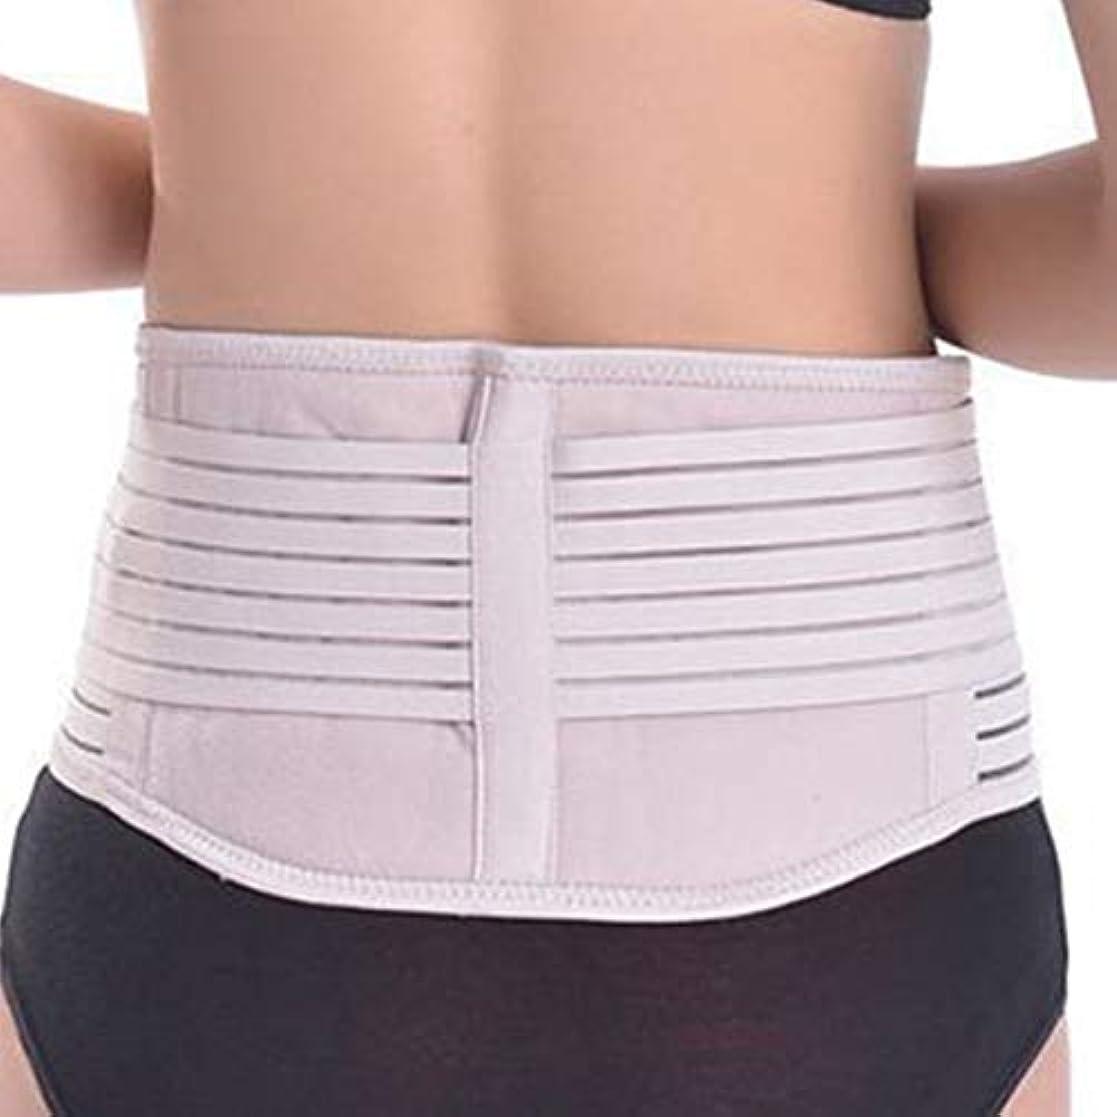 チョコレート弾力性のあるドアダブルプルランバー調節可能なサポート腰ベルトブレース痛みリリーフスポーツ保護磁気